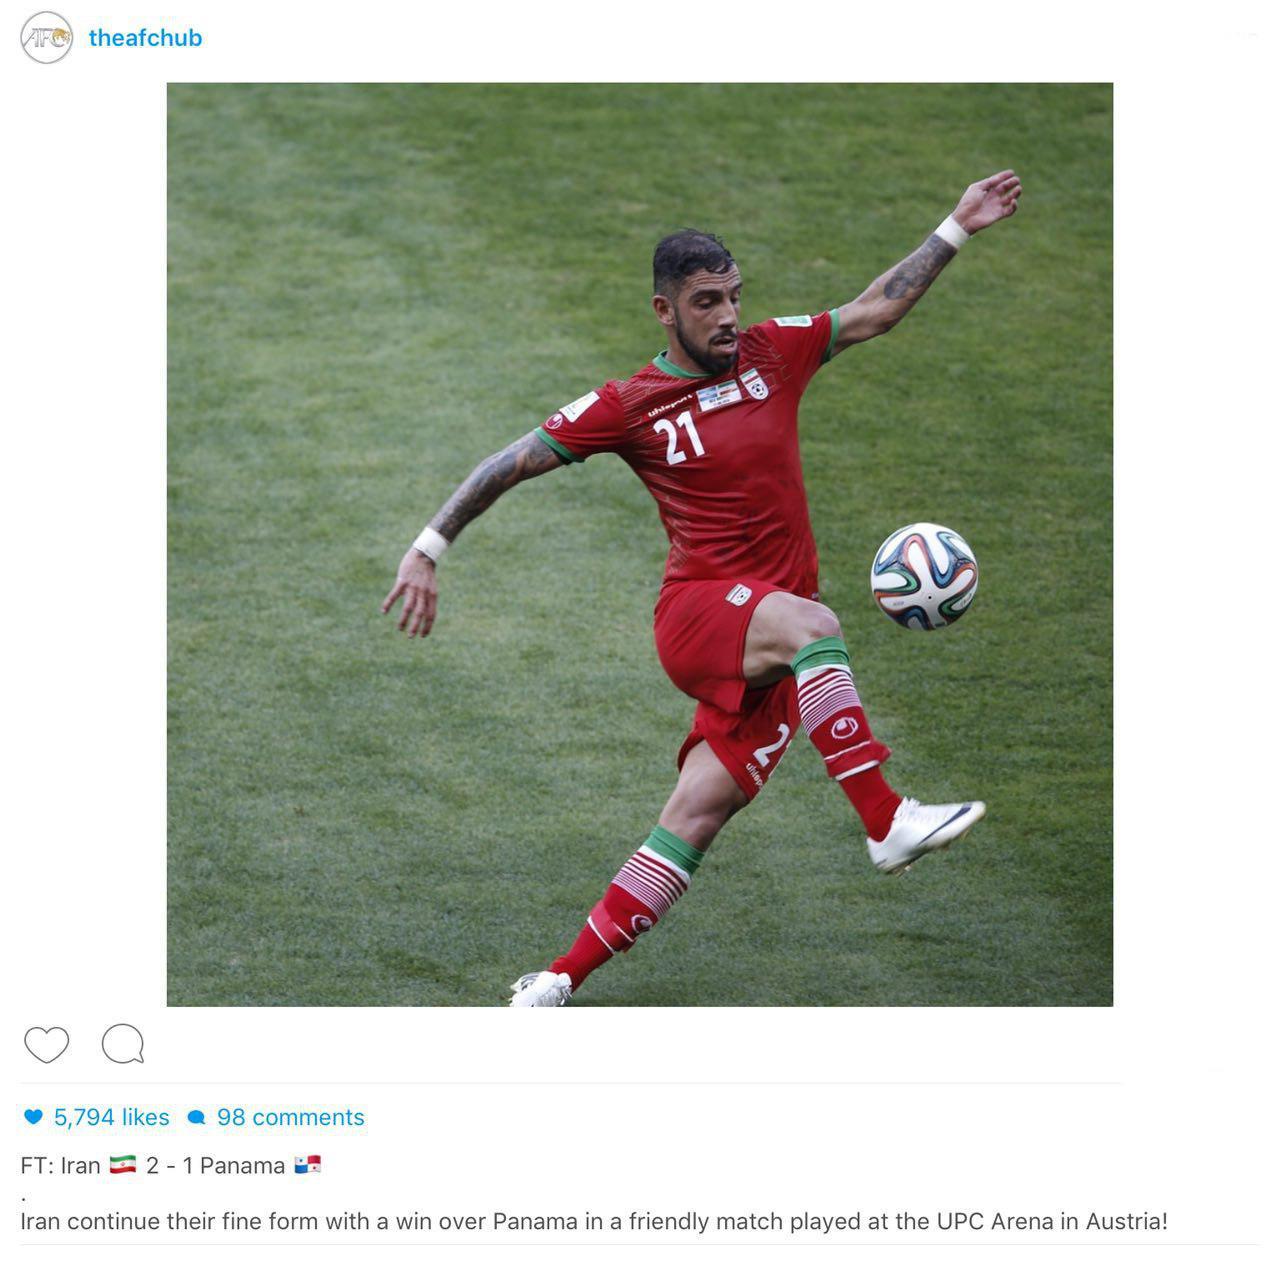 بازتاب پیروزی ایران برابر پاناما در سایت AFC